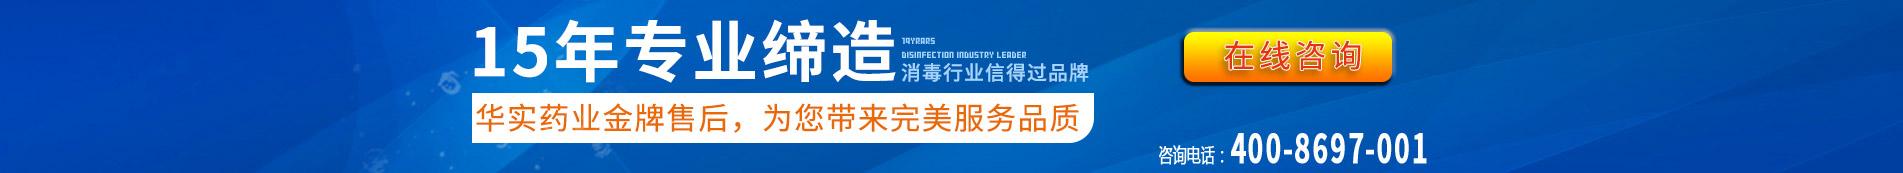 15年专业缔造,消毒设备行业领导品牌厂家,华实药业实力保障,为您带来完美服务品质